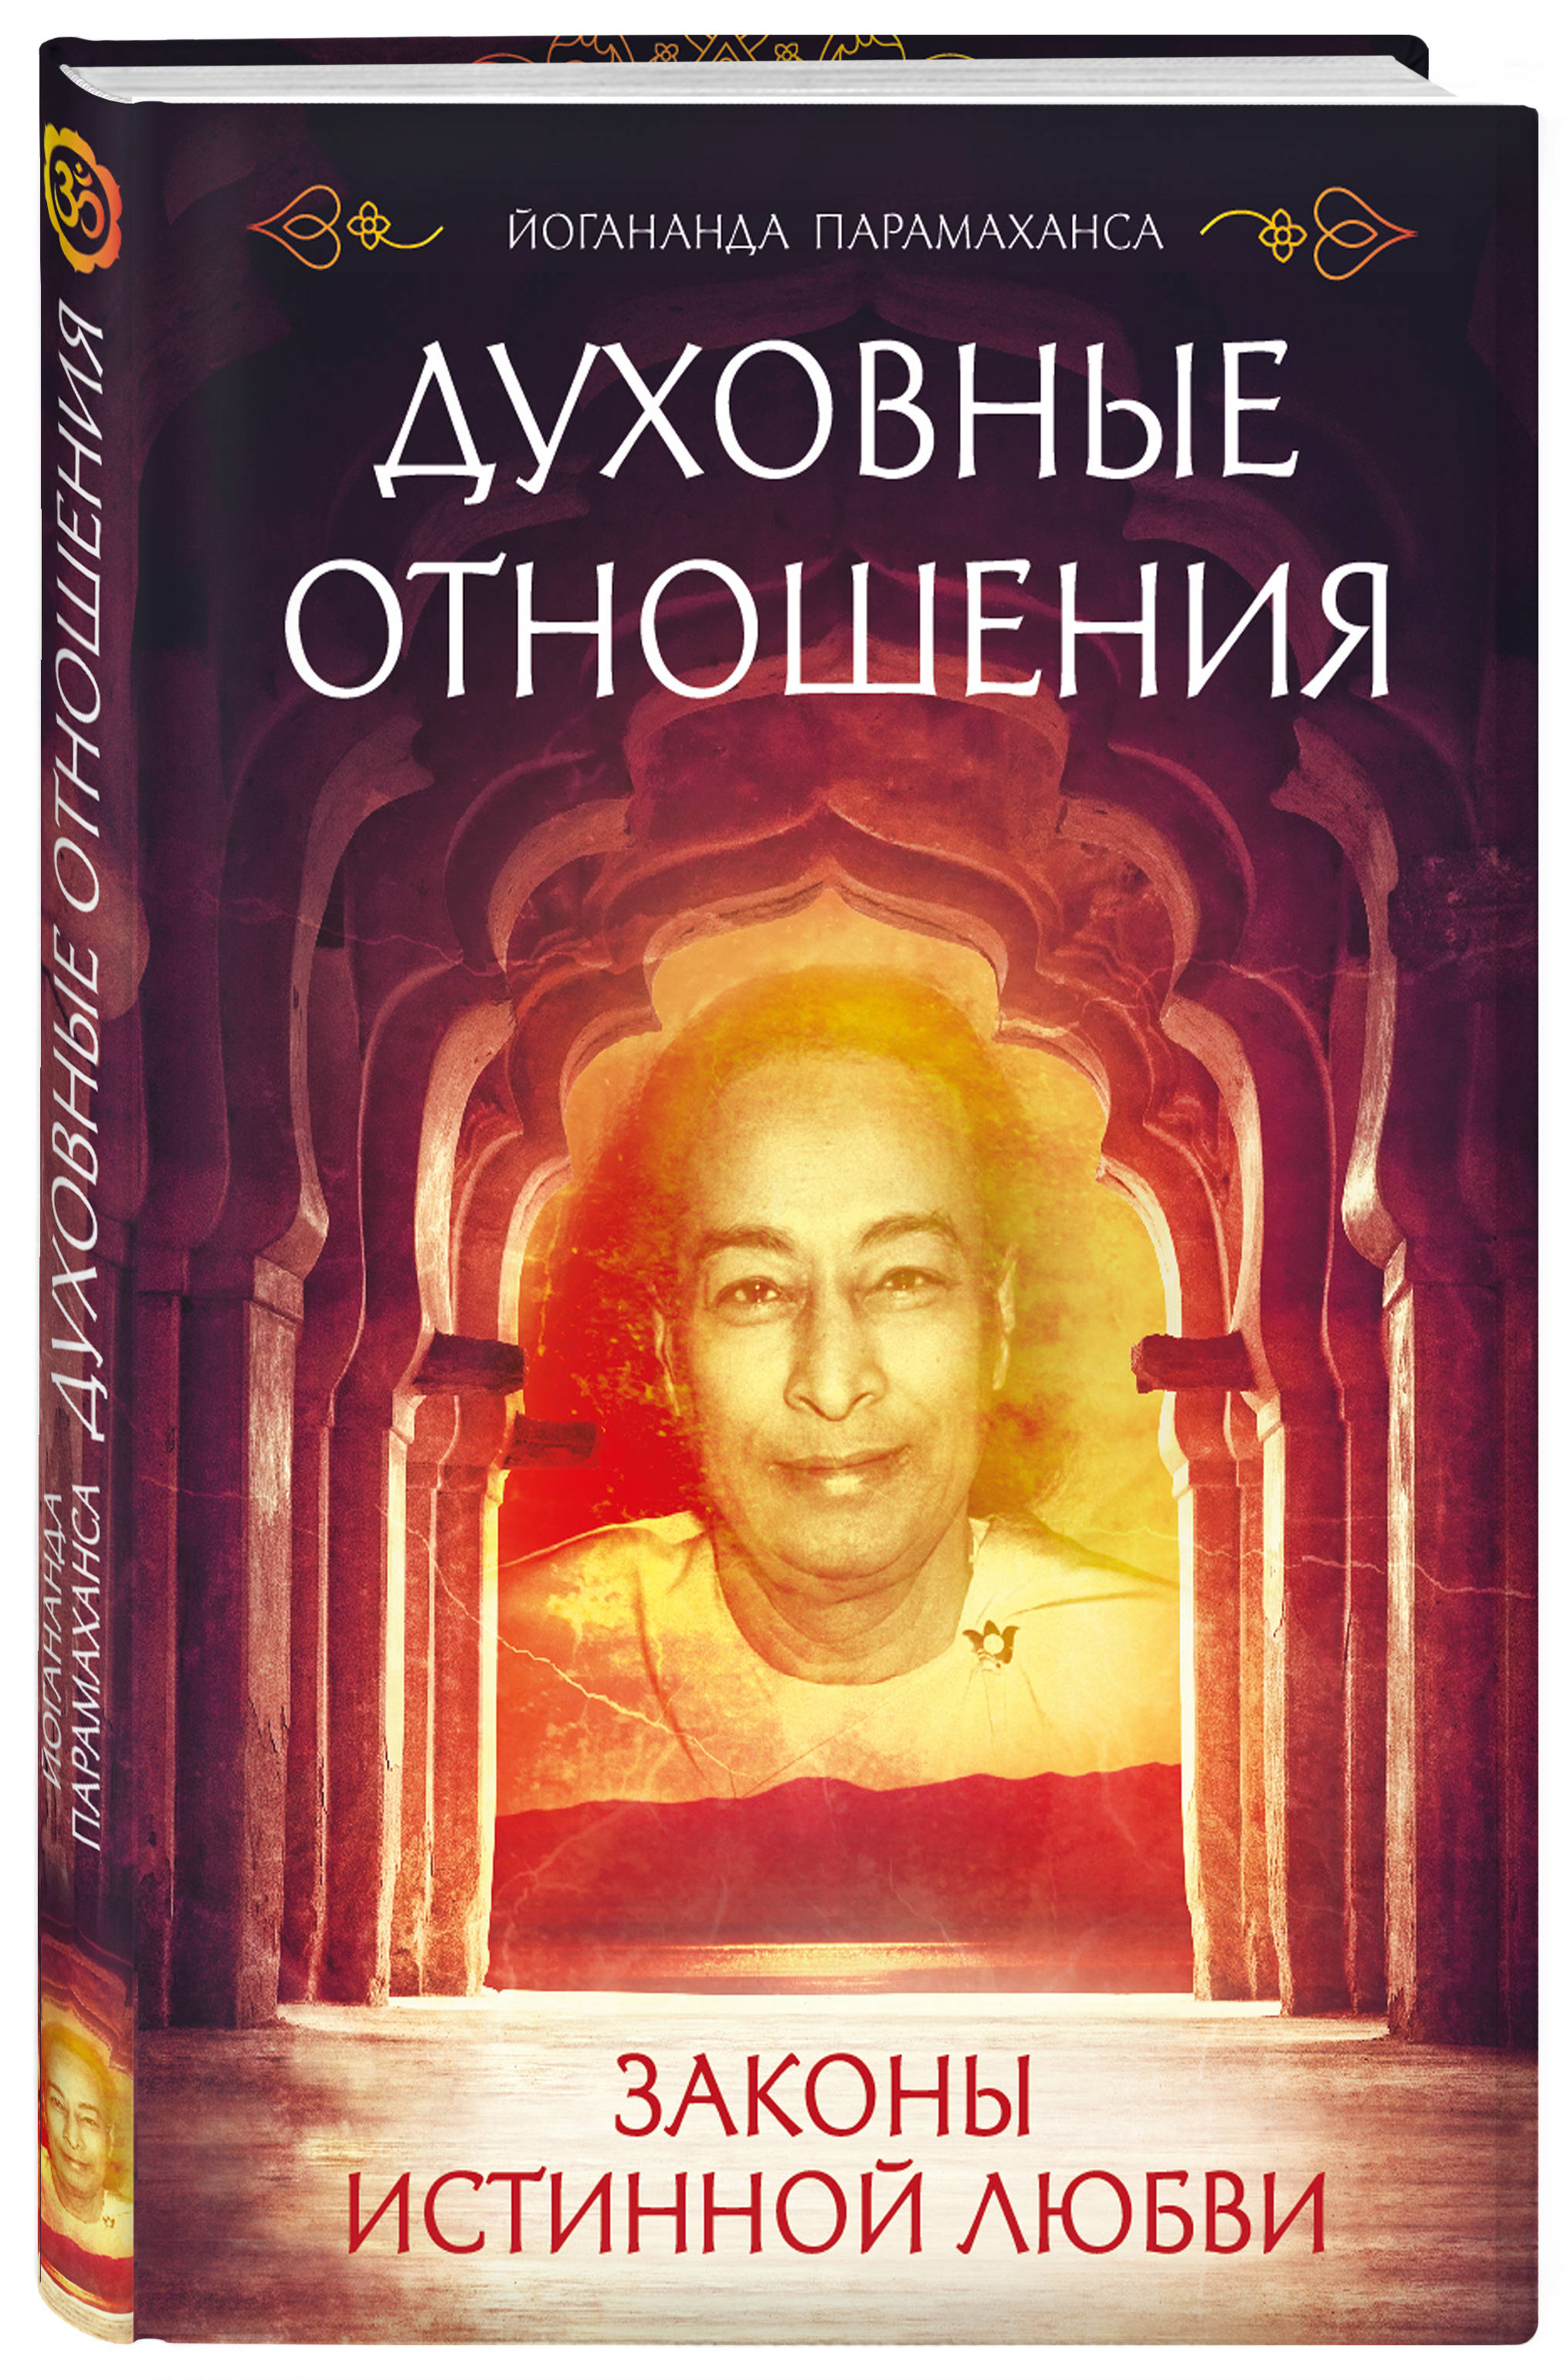 Духовные отношения. Законы истинной любви ( Йогананда Парамаханса  )